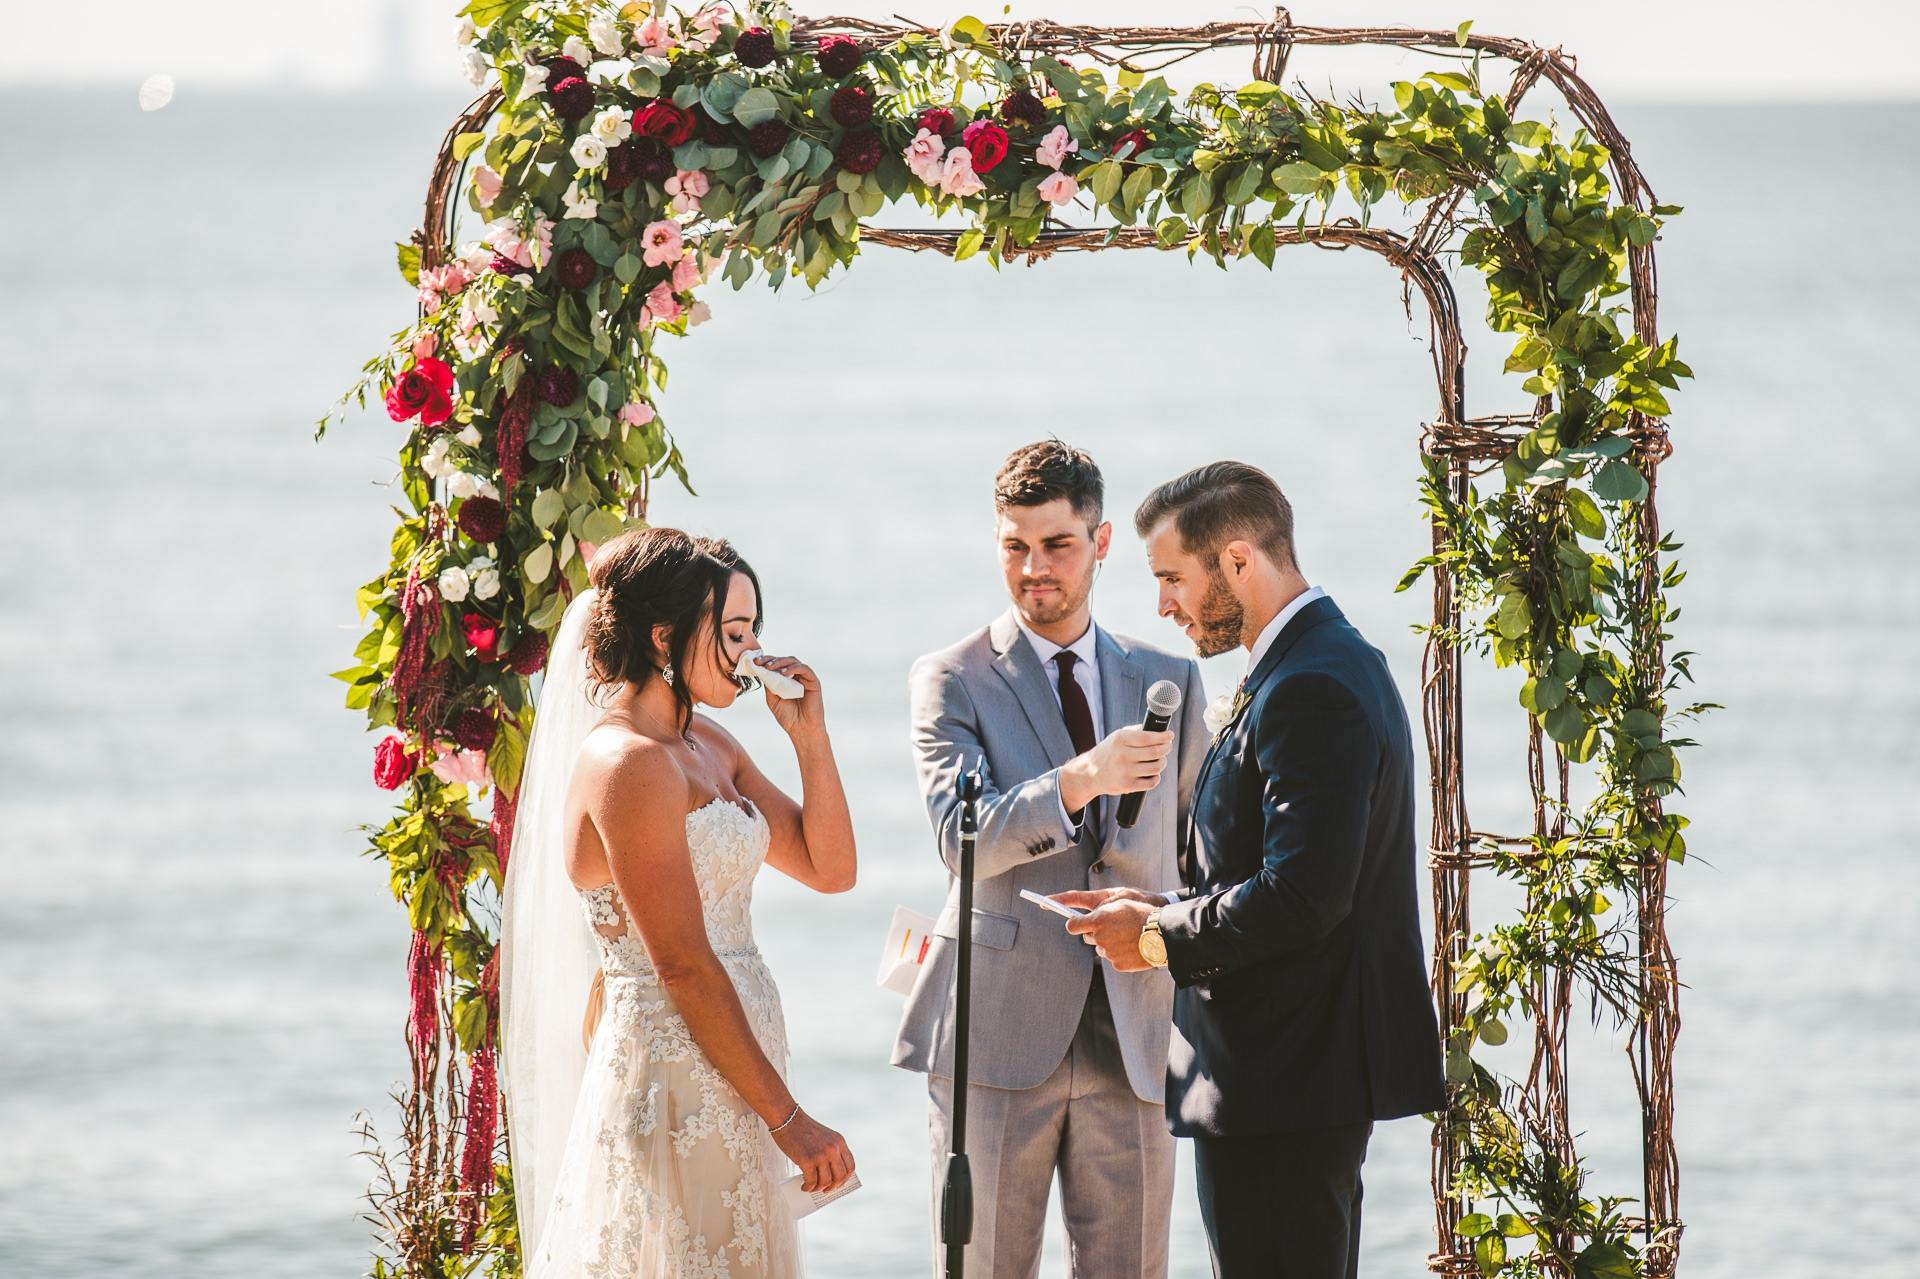 Catawba Island Club Wedding Photographer in Port Clinton 64.jpg